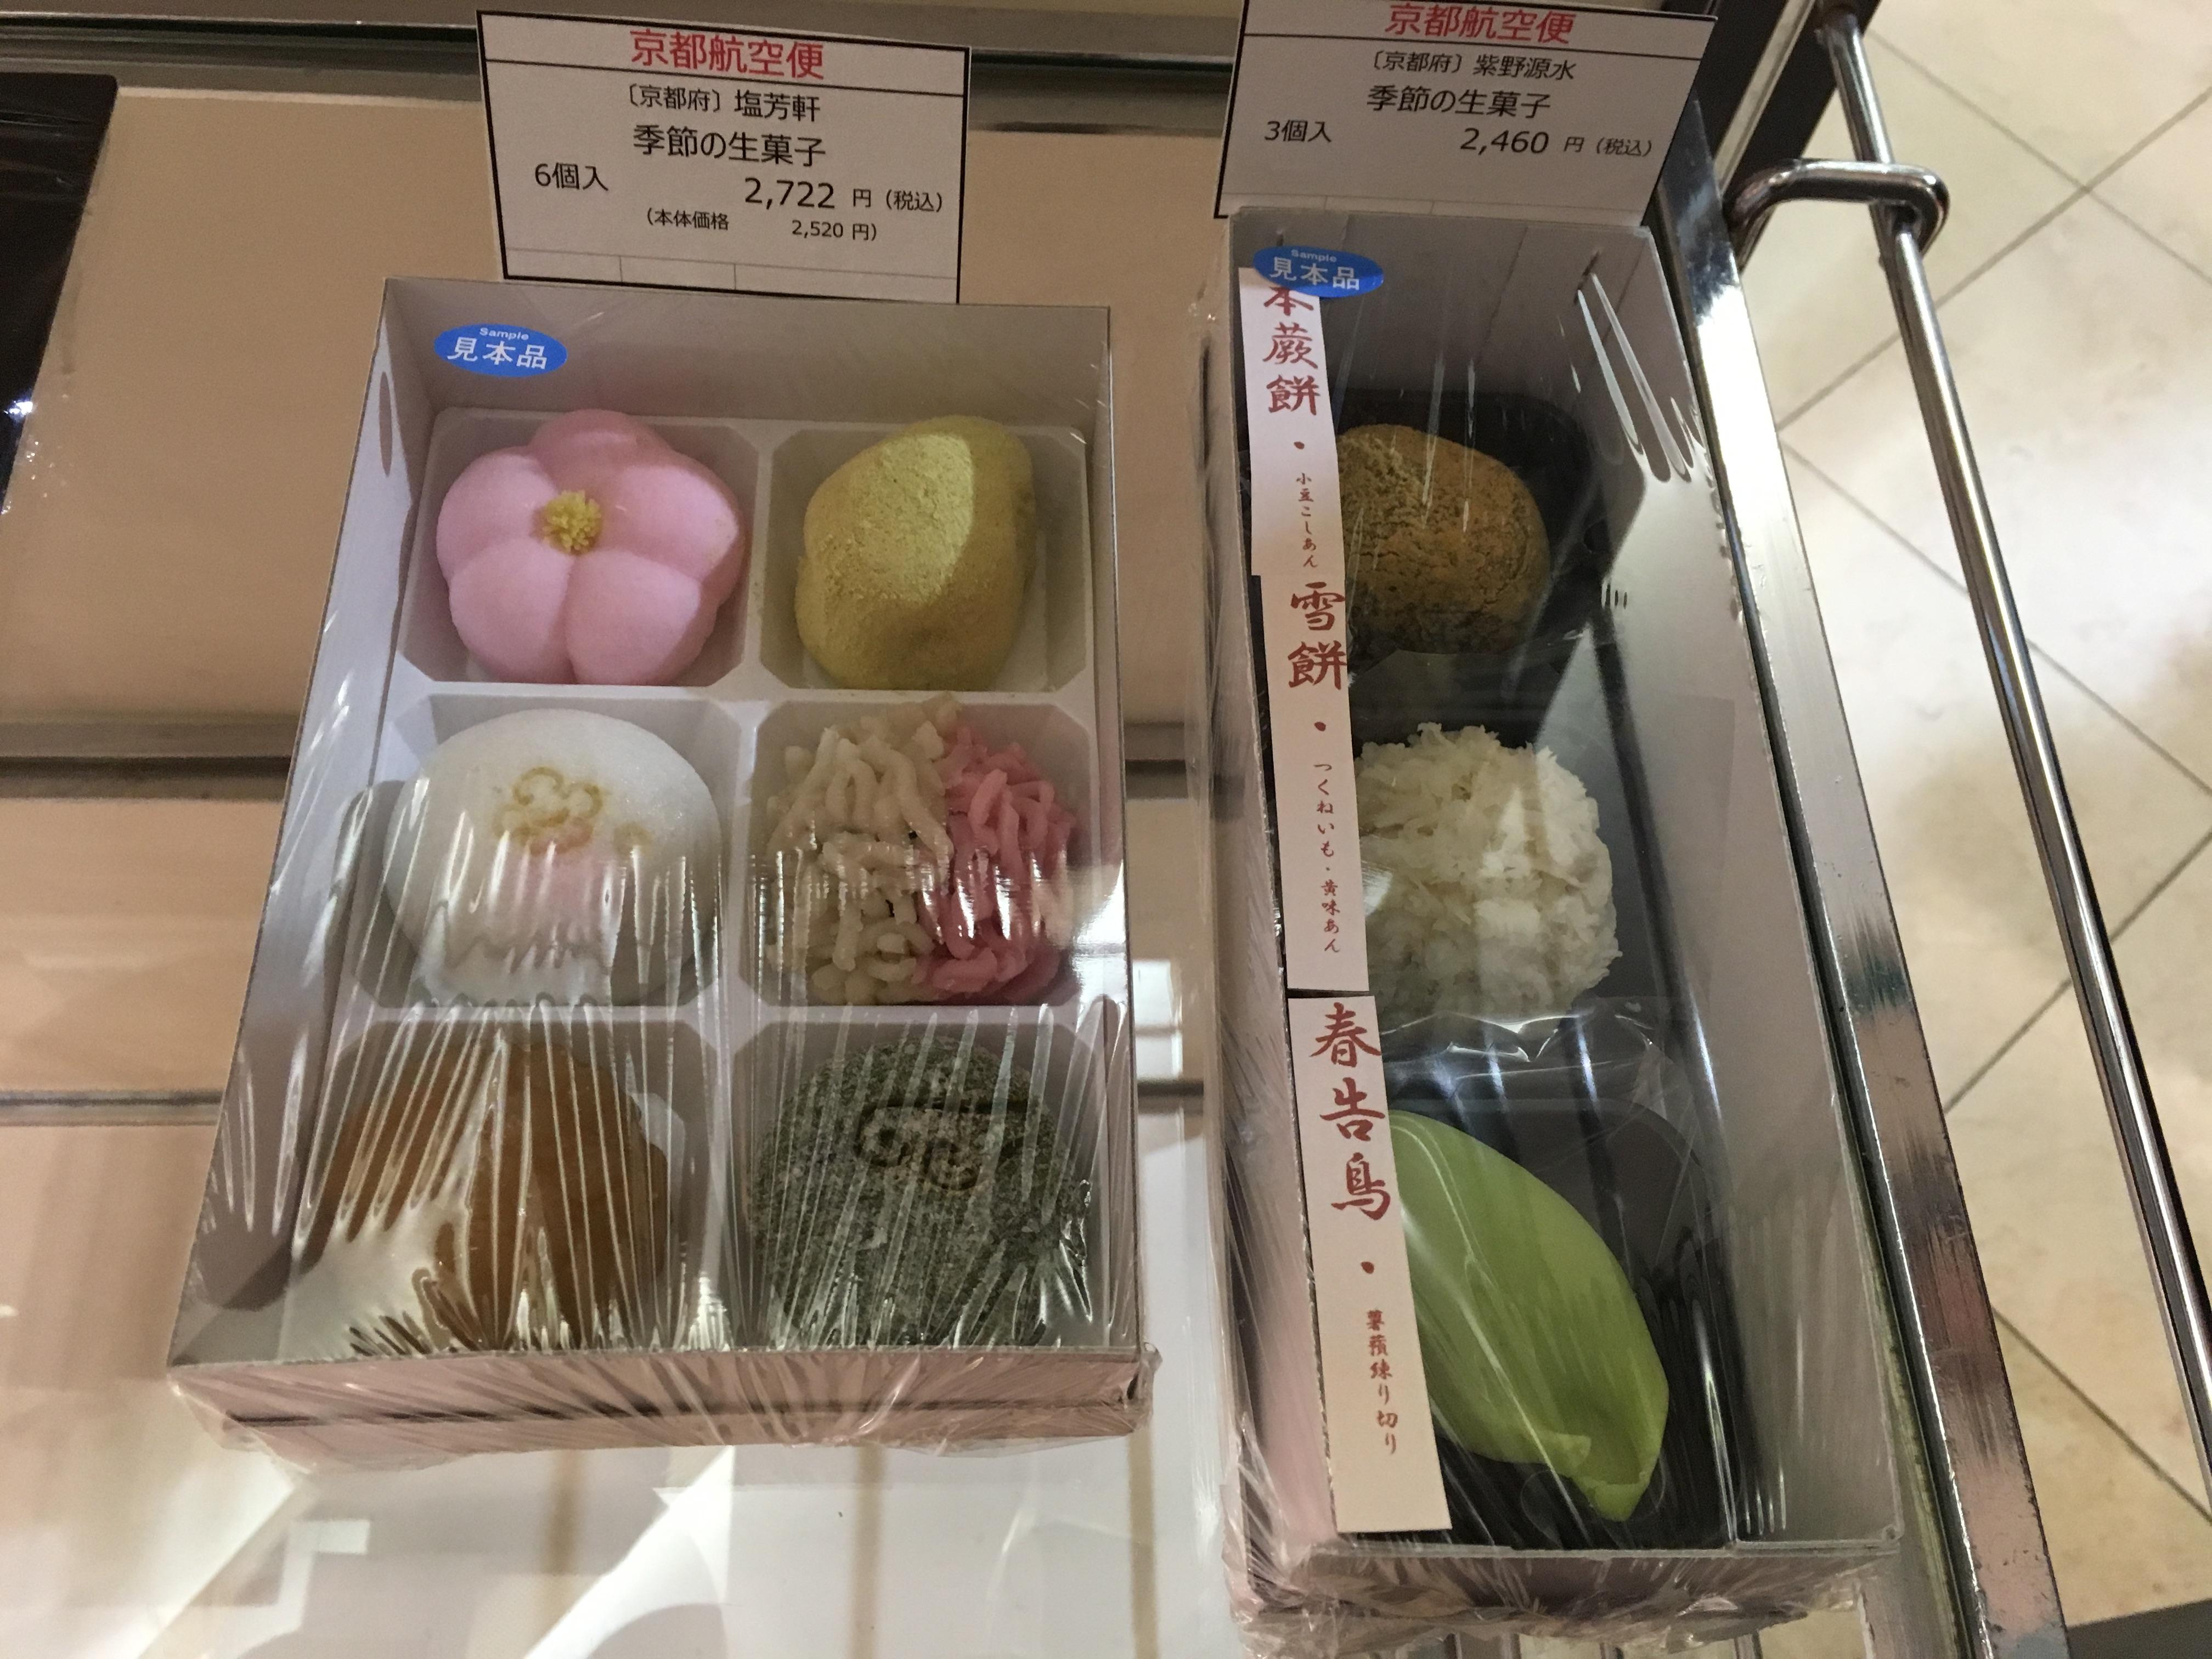 新宿高島屋京都航空便季節の生菓子